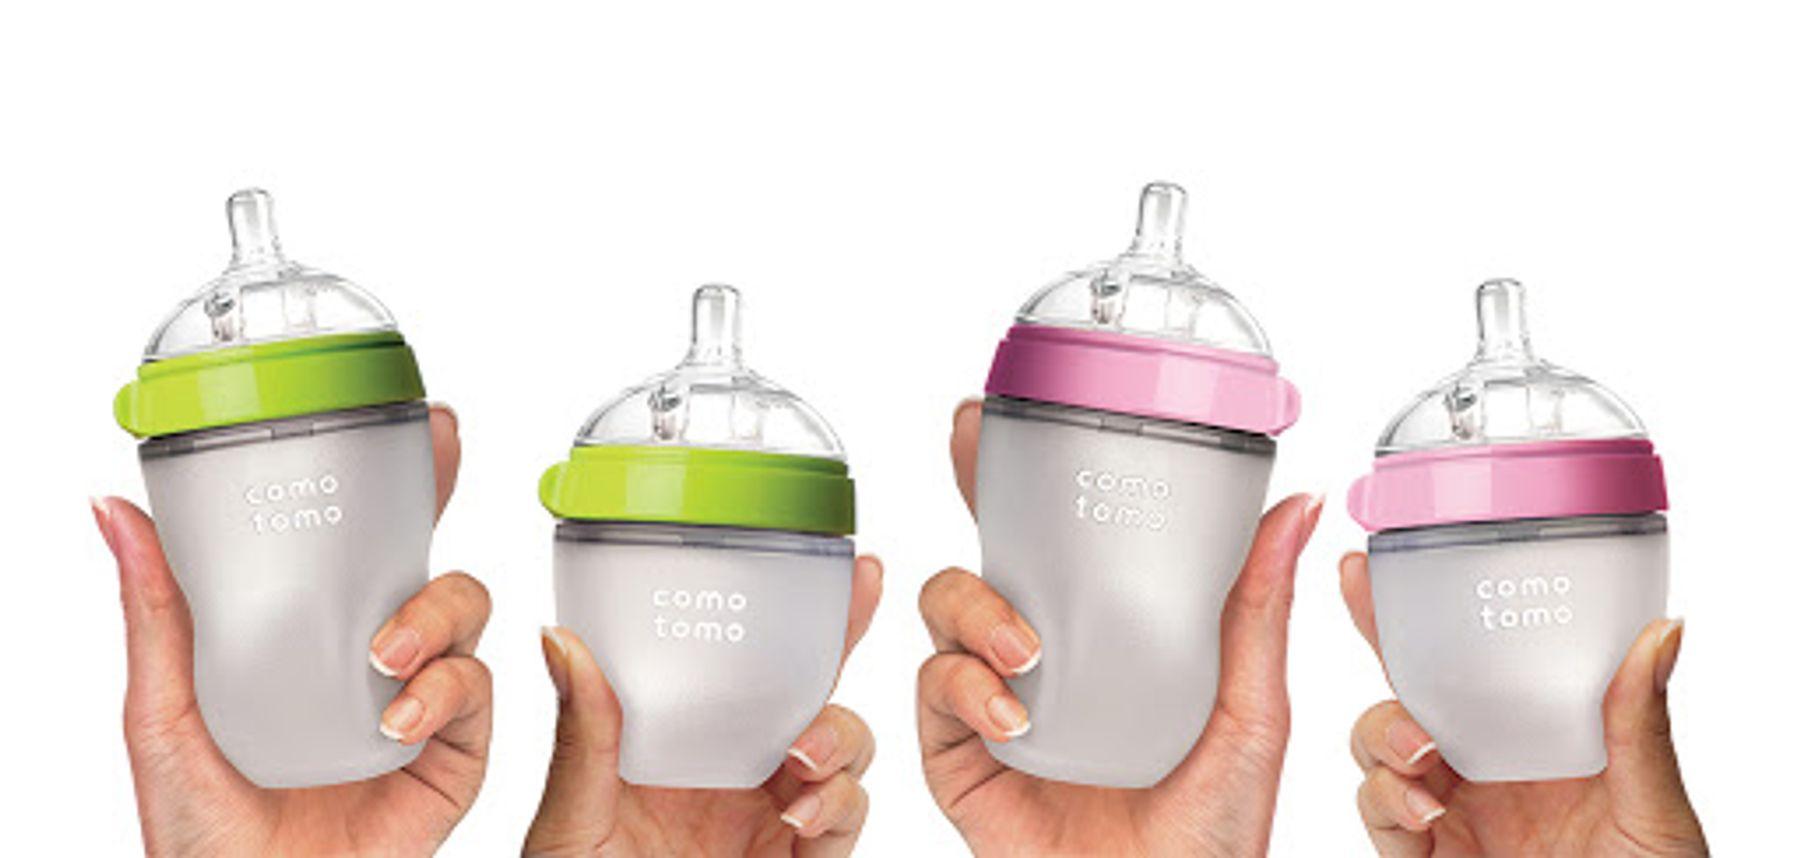 Bình sữa comotomo cho trẻ sơ sinh hình tròn